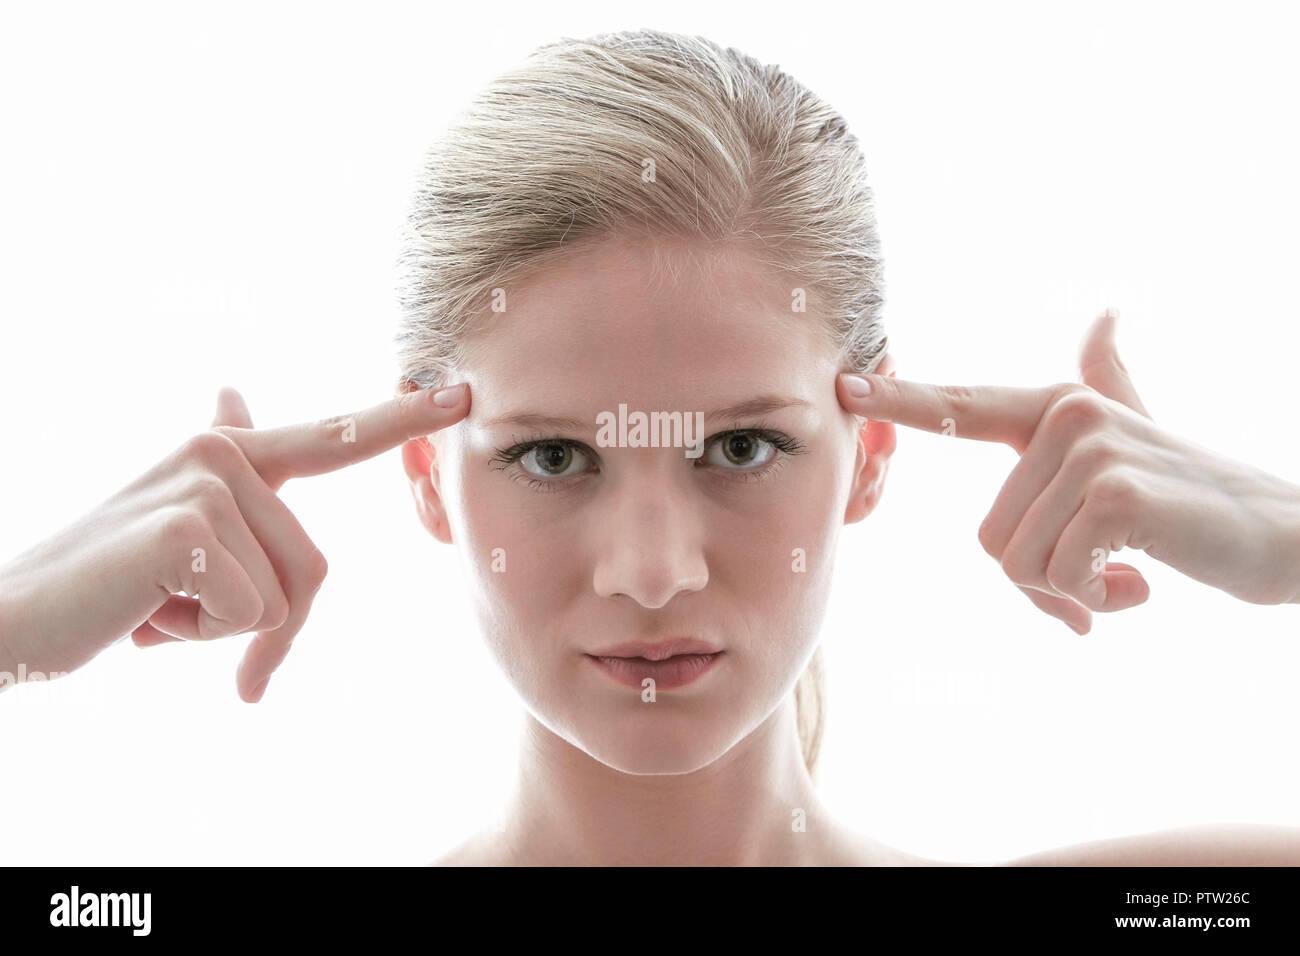 Junge blonde Frau hat eine Idee, die Frau hat eine Idee, schöne, helle, freundliche, Vertrauen, Zufriedenheit, süß, leicht, Gesicht, Finger, freundlich, verspielt, Stockbild